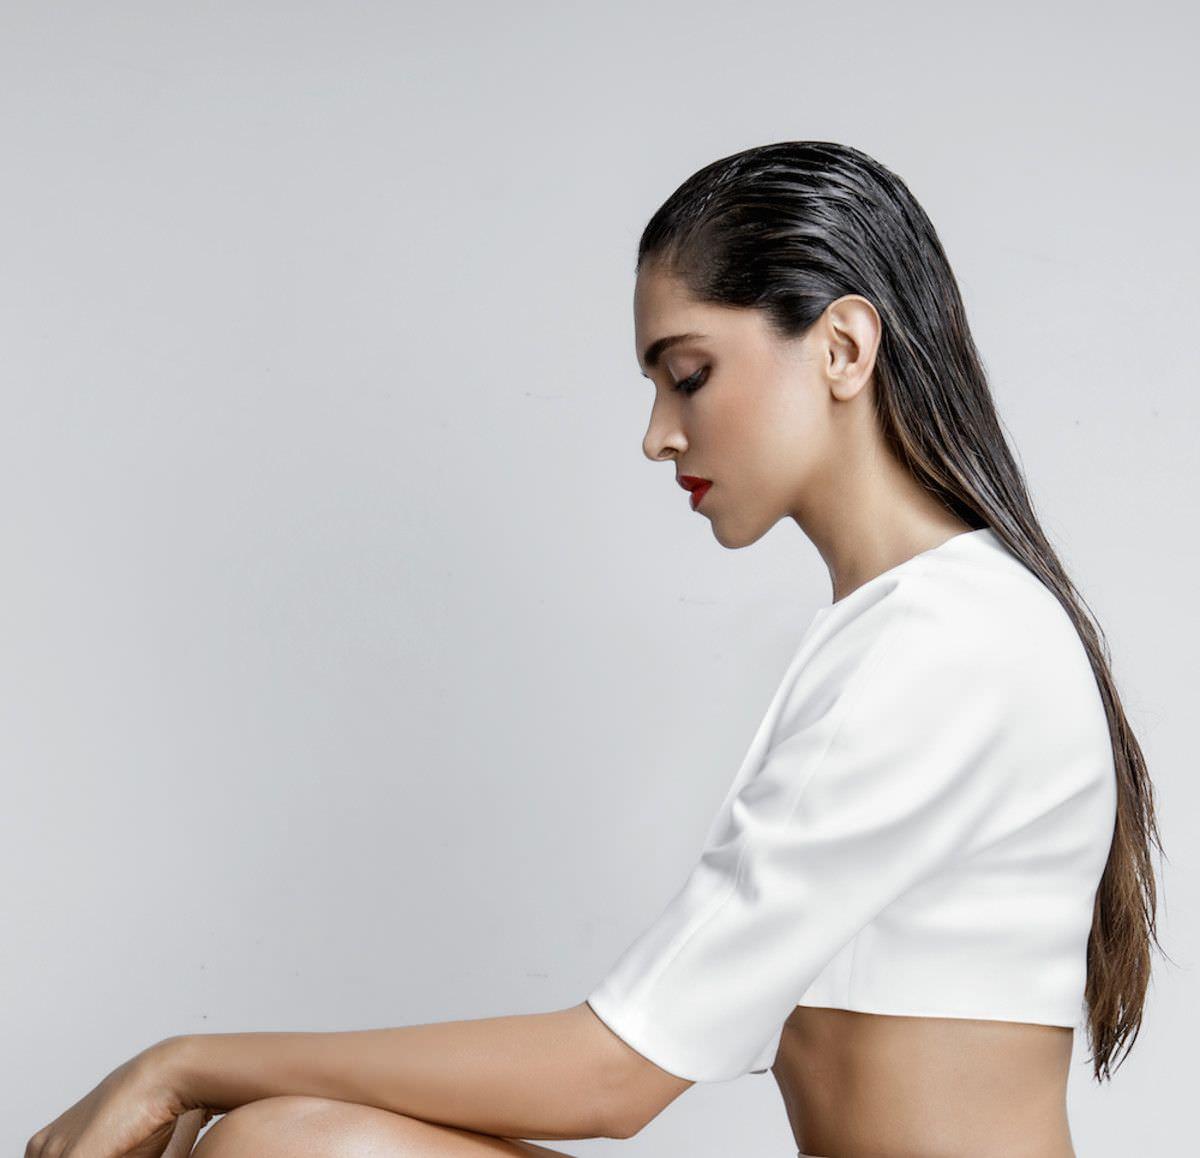 Дипика Падуконе фото с мокрыми волосами